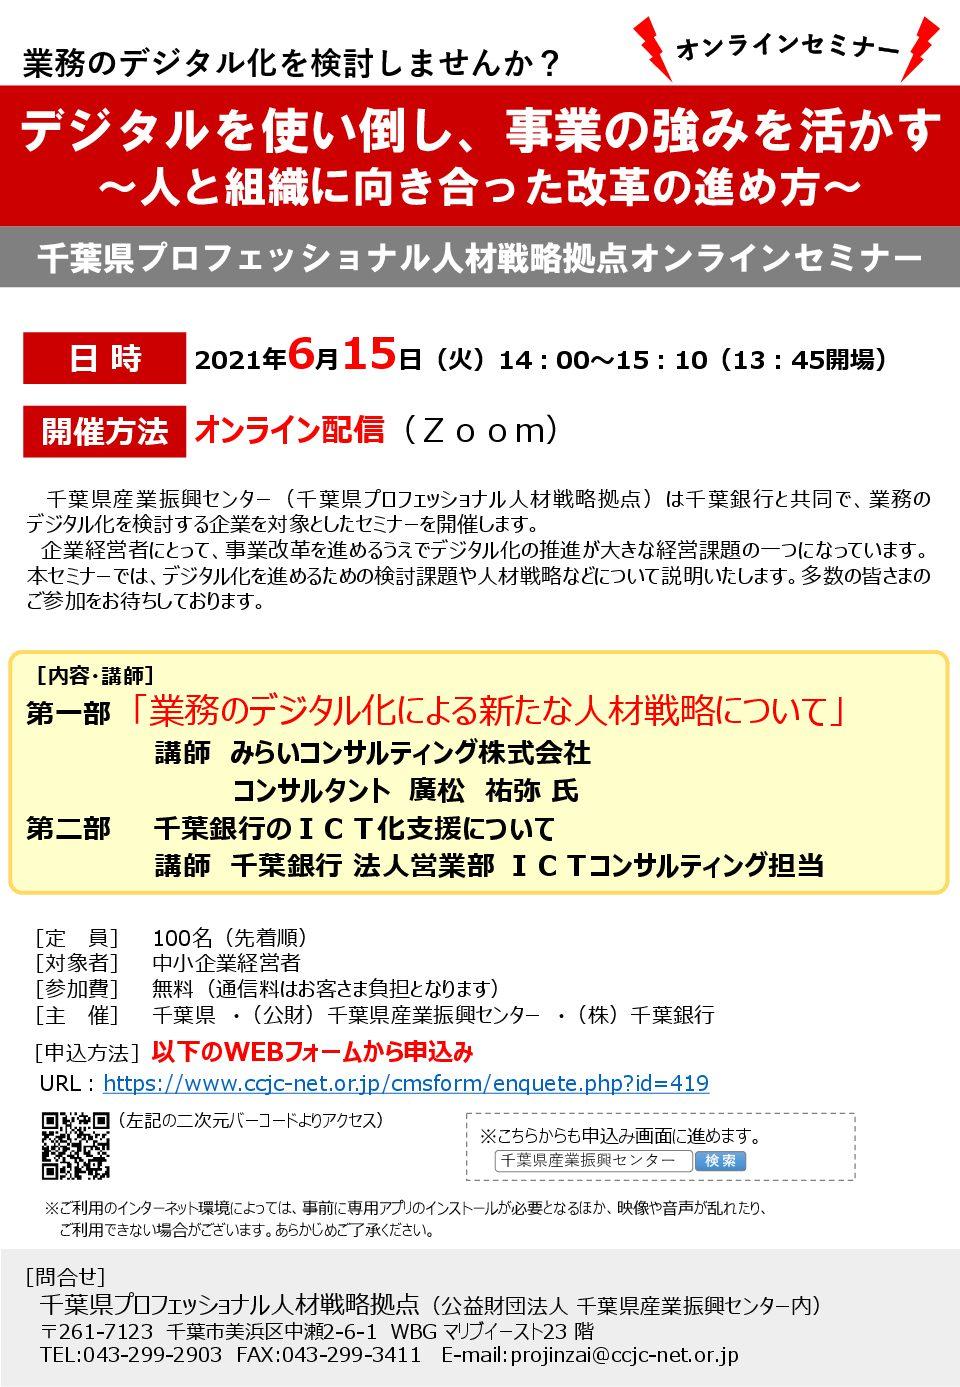 千葉県プロフェッショナル人材戦略拠点オンラインセミナー開催のご案内